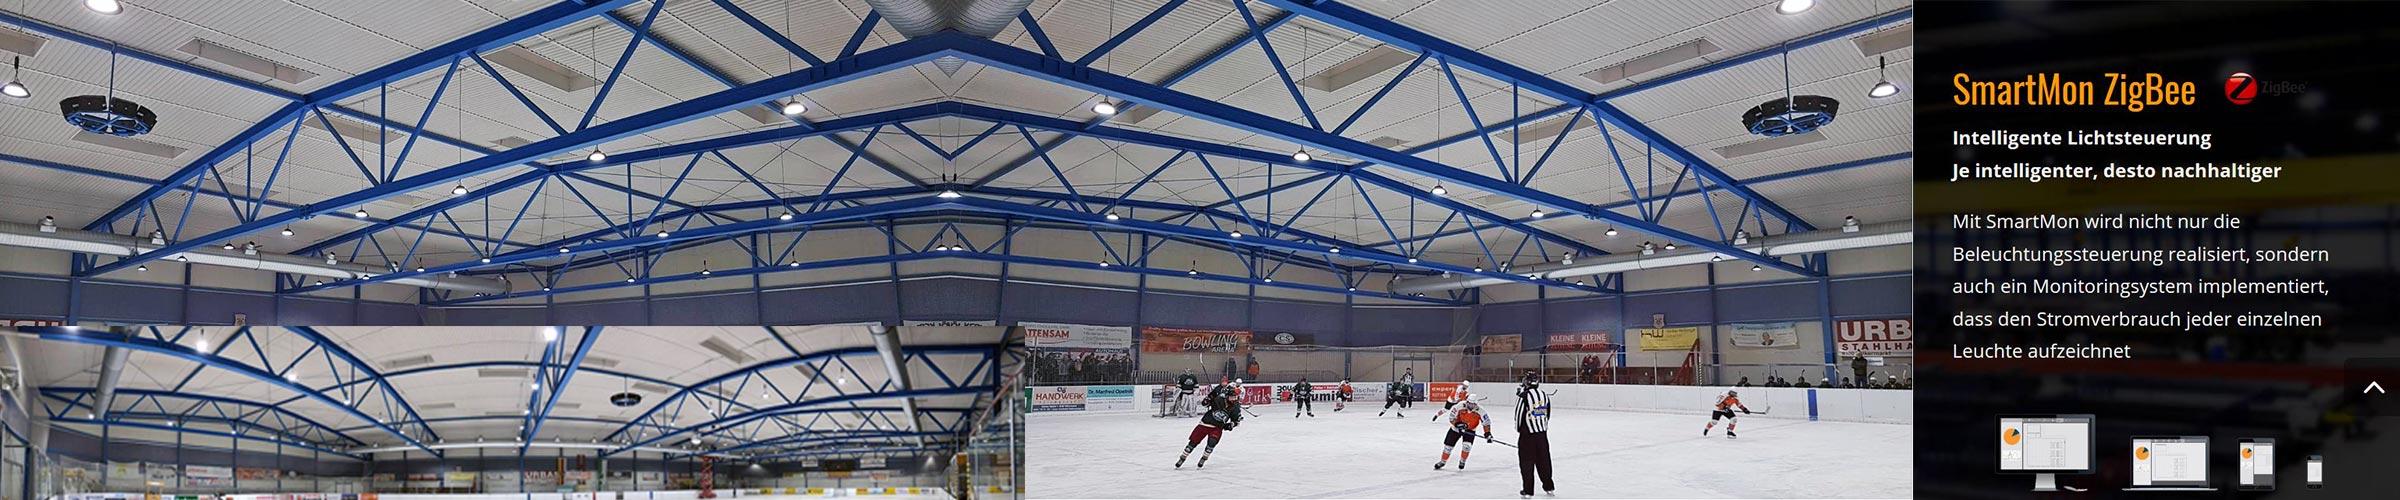 Eishalle mit SML LED Produkten